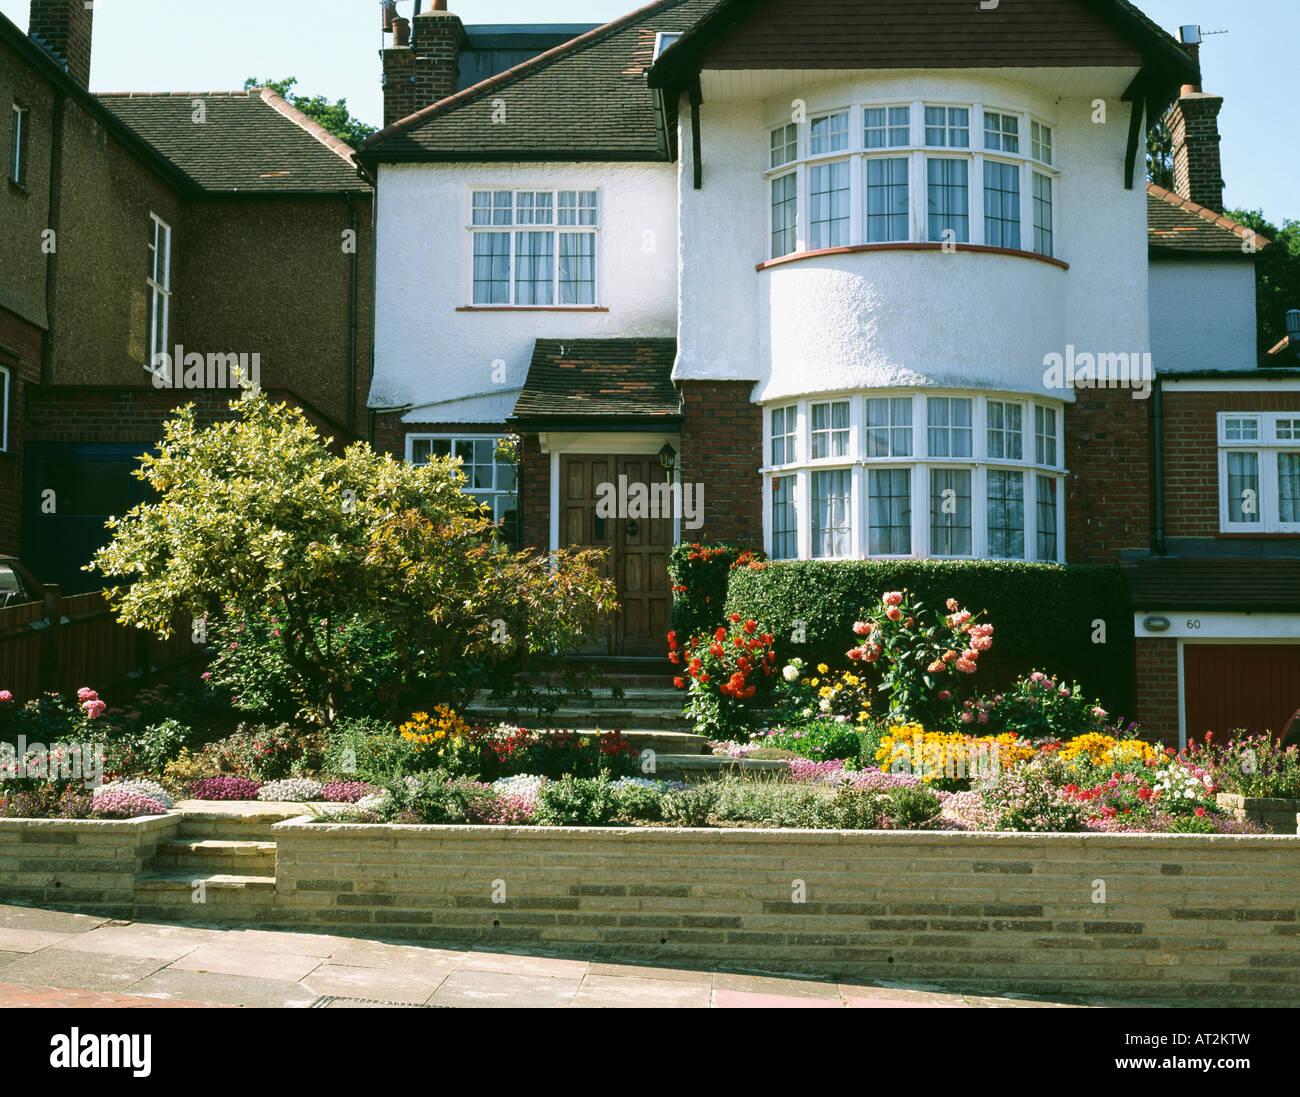 Dreißiger Jahre Einfamilienhaus mit Erker und farbenfrohen ...